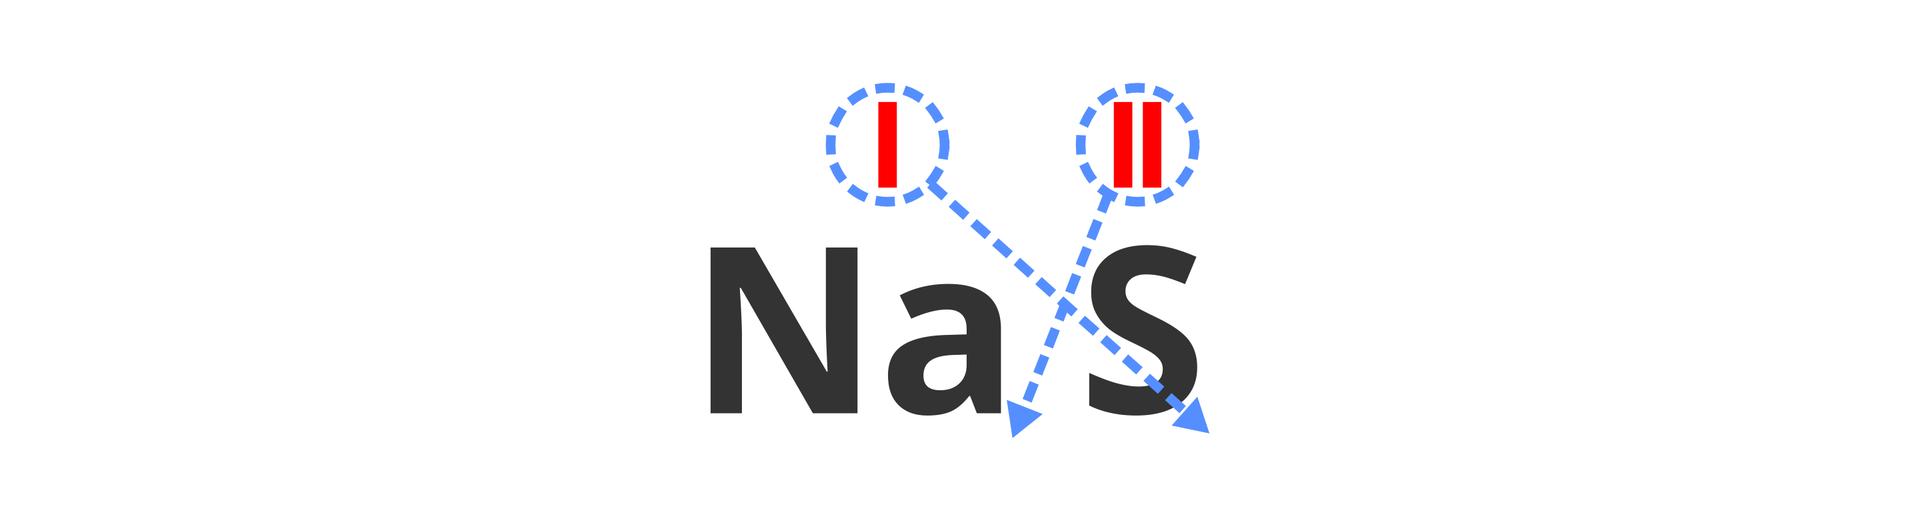 Na ilustracji widoczny jest zaczątek wzoru strukturalnego związku sodu isiarki. Nad symbolami pierwiastków czerwonym kolorem irzymskimi cyframi wyróżniono wartościowość obydwu pierwiastków. Wokół tych cyfr widoczne są niebieskie okręgi istrzałki prowadzące do indeksów dolnych sąsiedniego atomu. Azatem wartościowość dwa zsiarki kierowana jest do indeksu sodu, awartościowość jeden sodu do indeksu siarki.